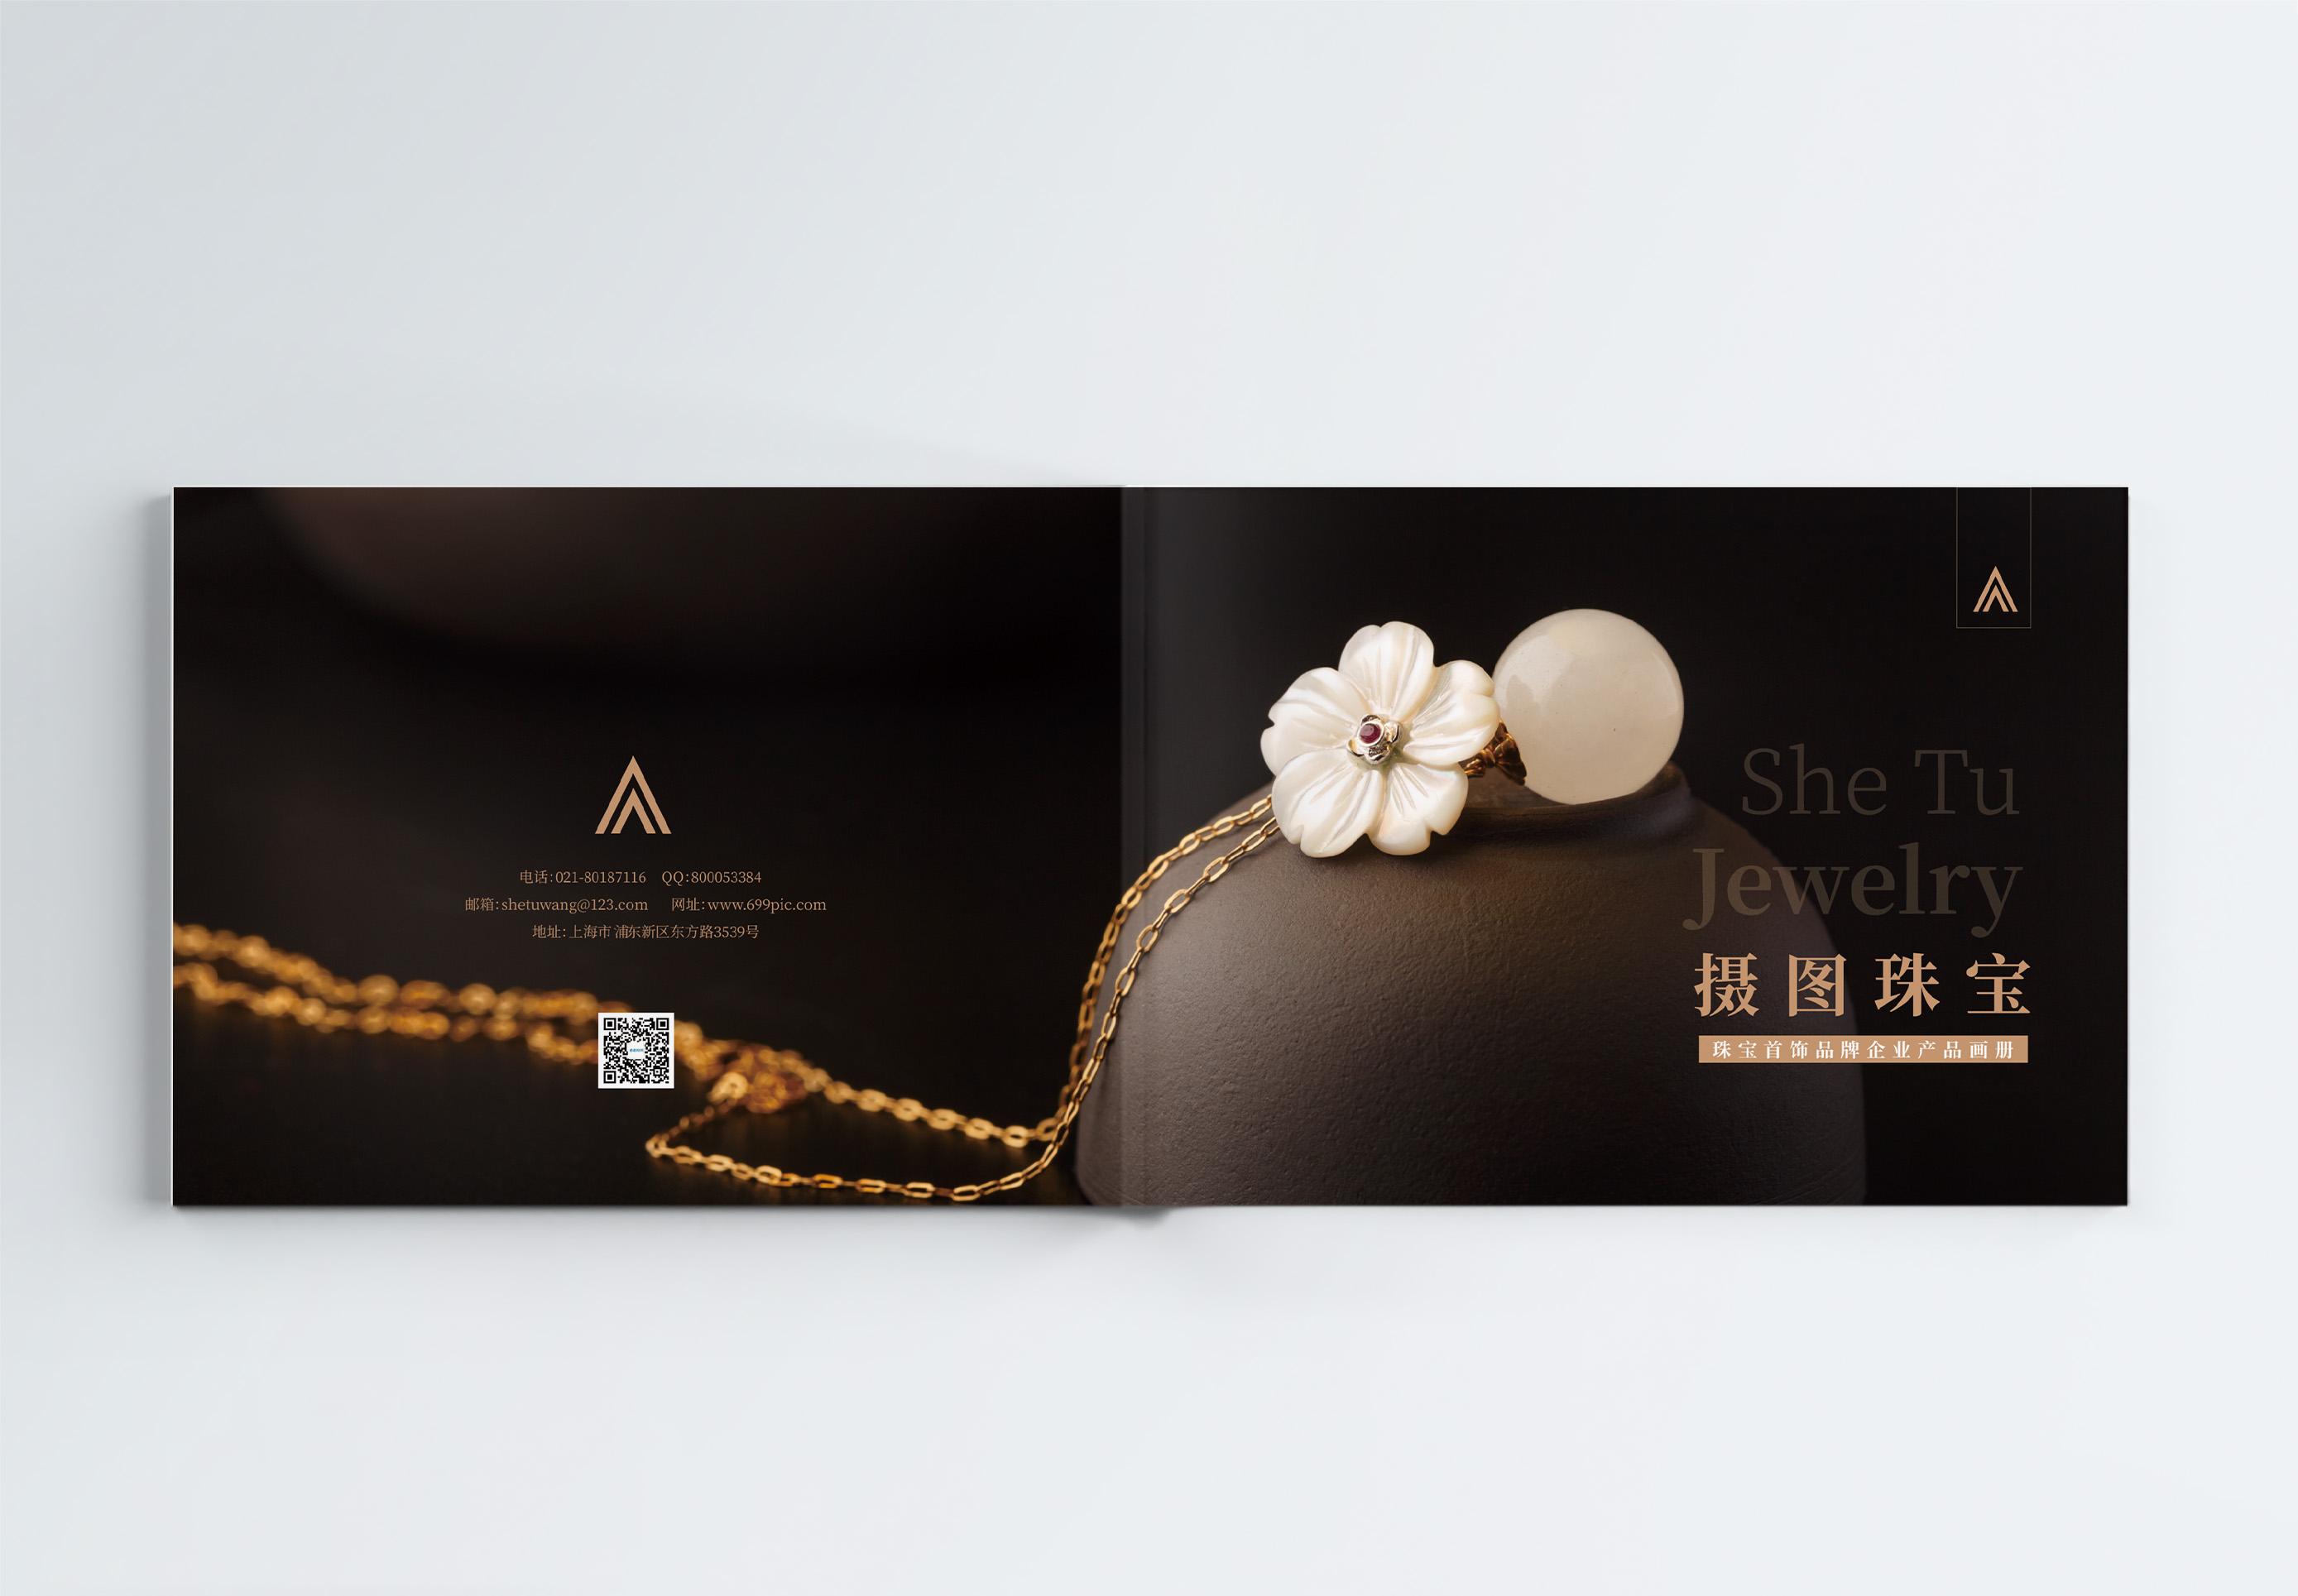 高端奢华珠宝品牌画册整套图片